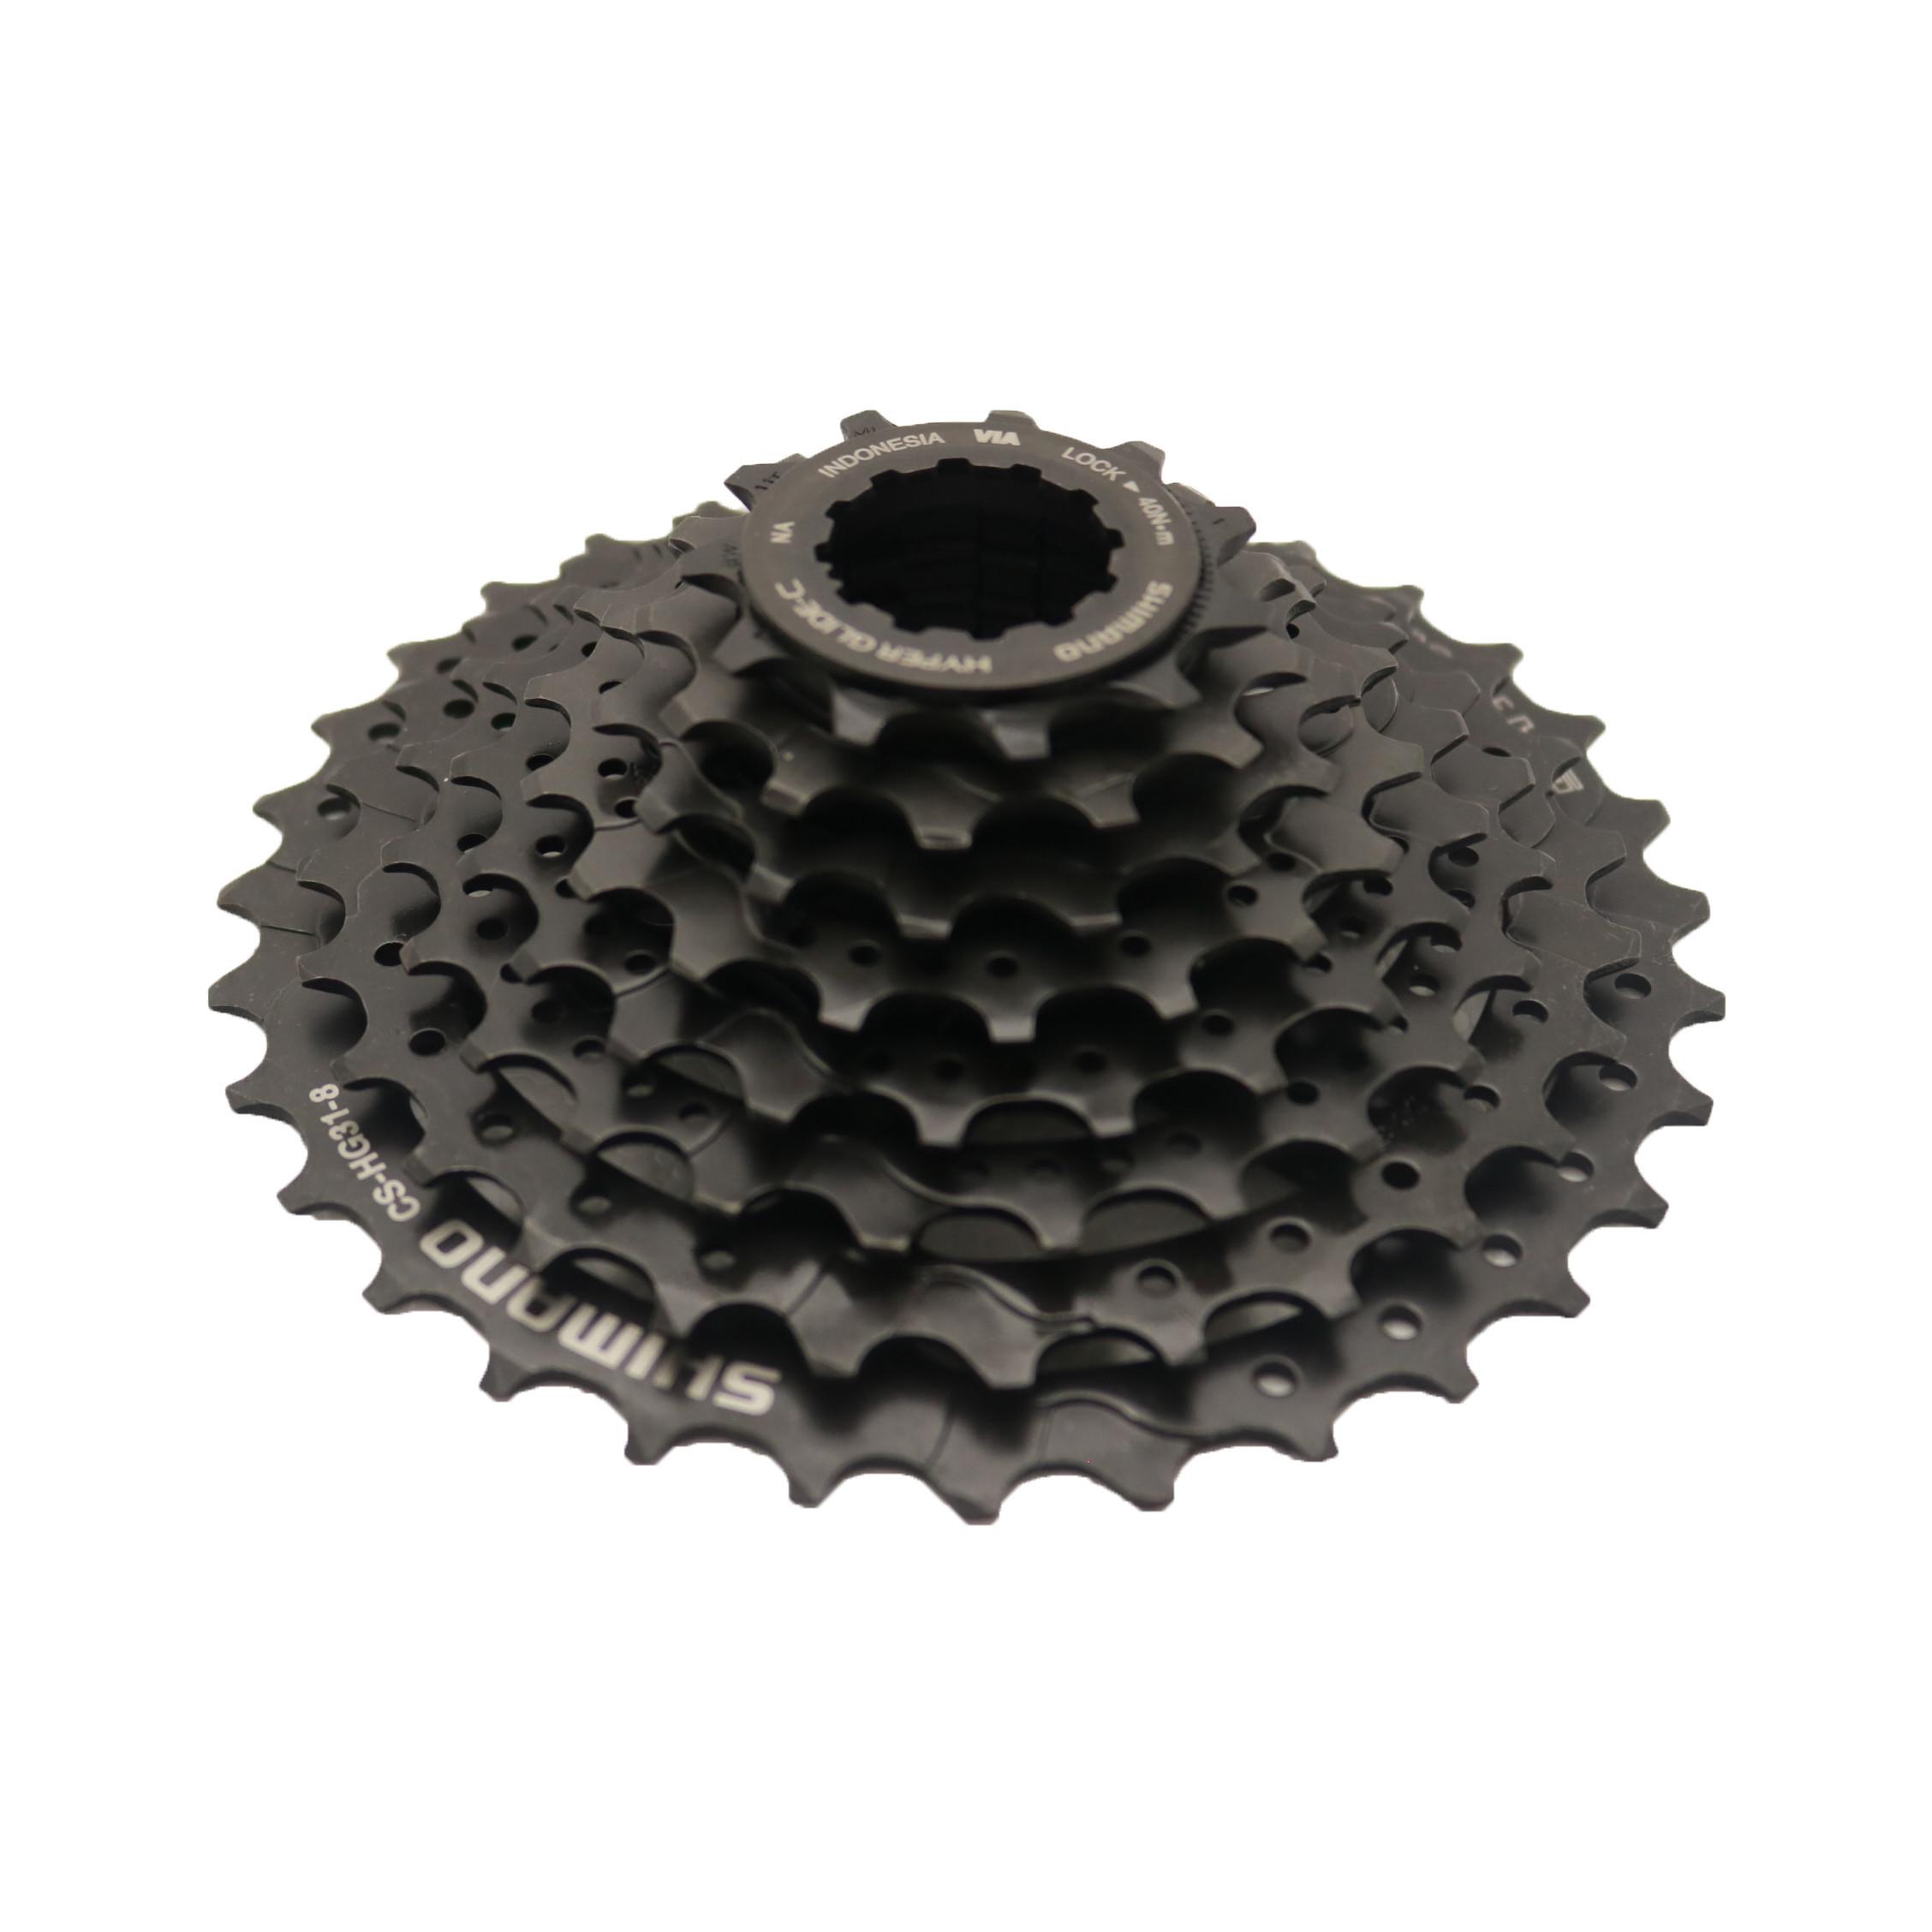 Freewheel 24 Gear